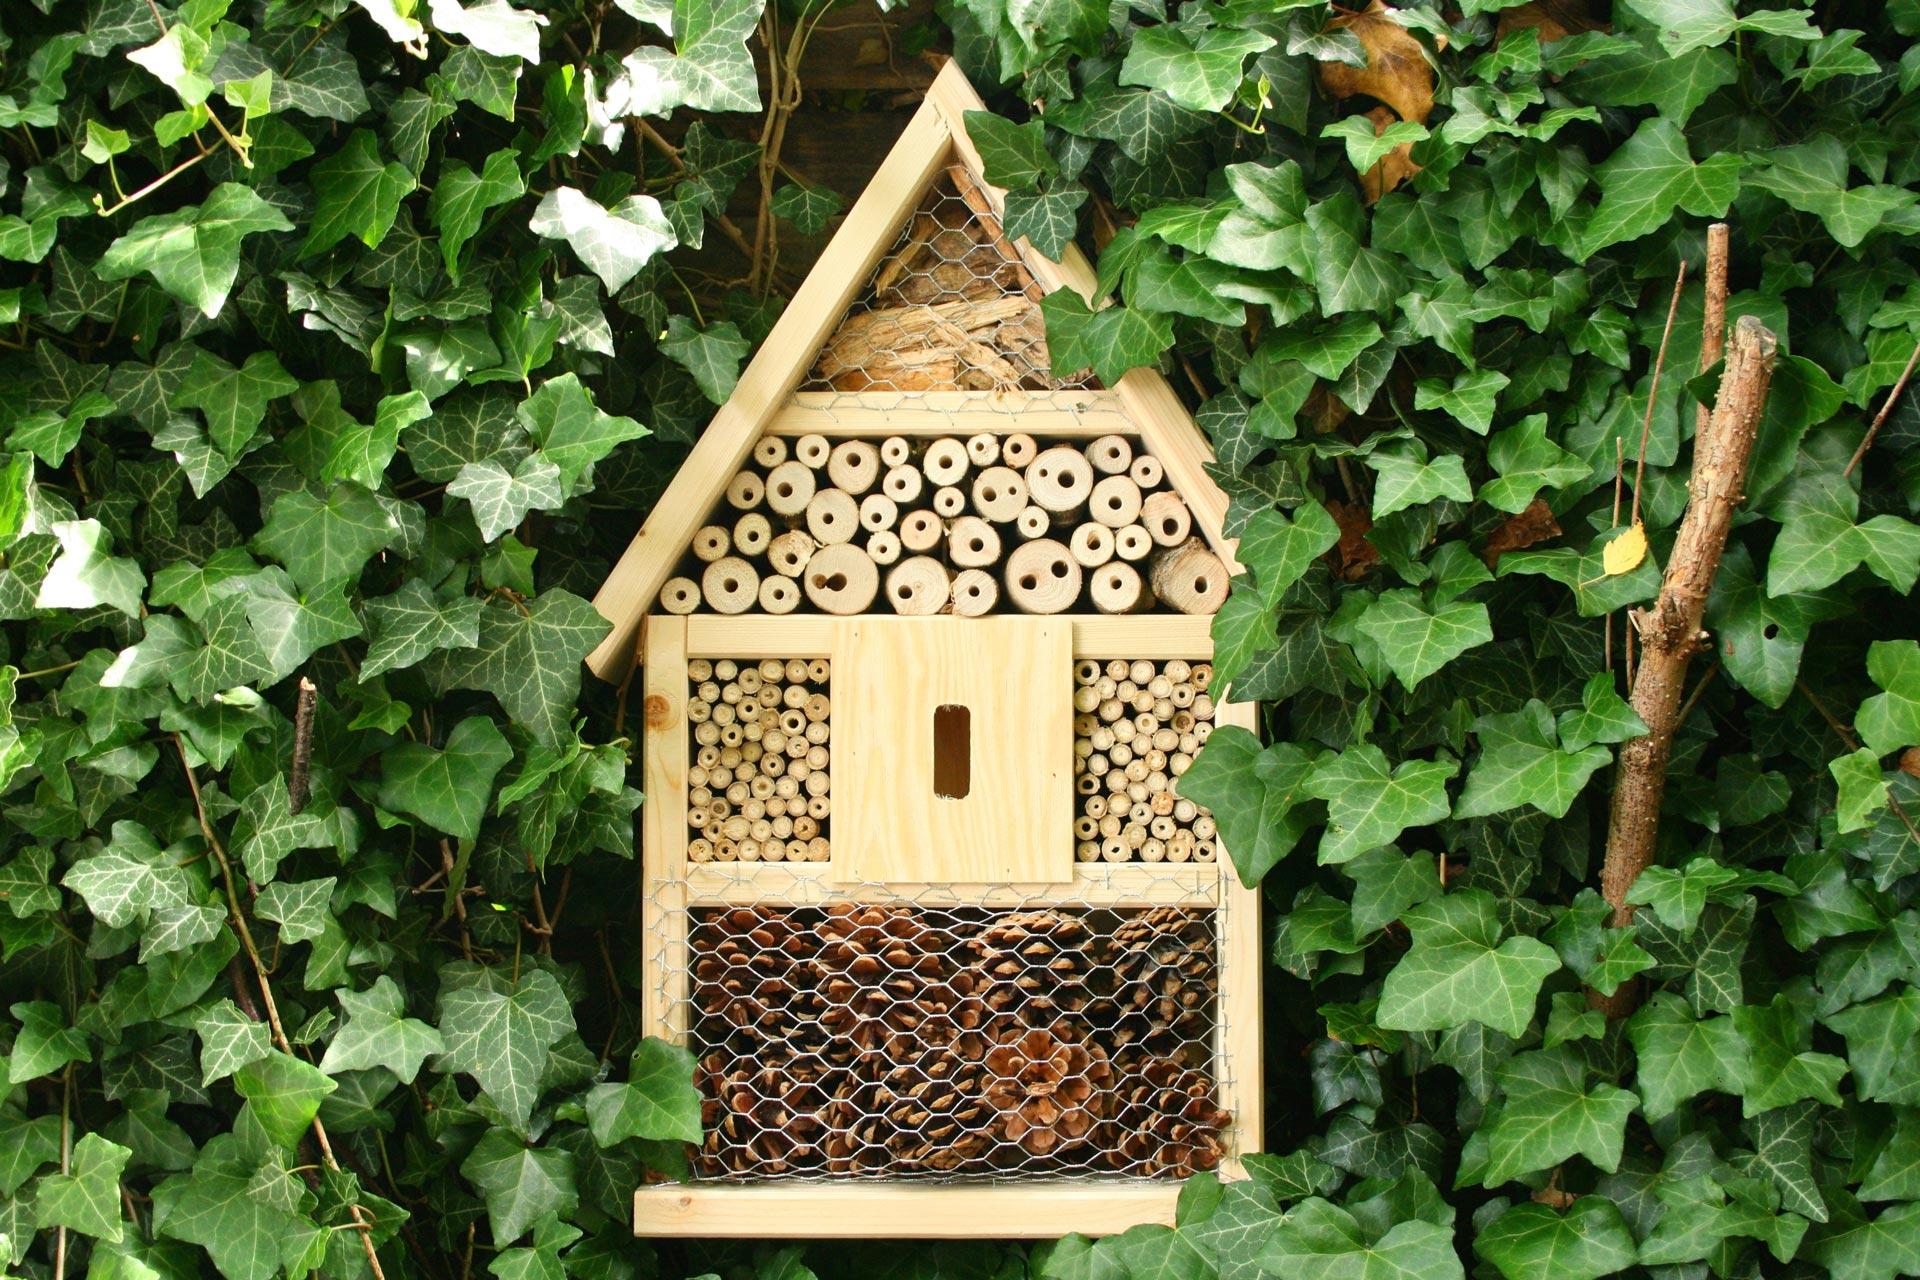 Image correspondant à l'aternative Hôtel à insecte du commerce